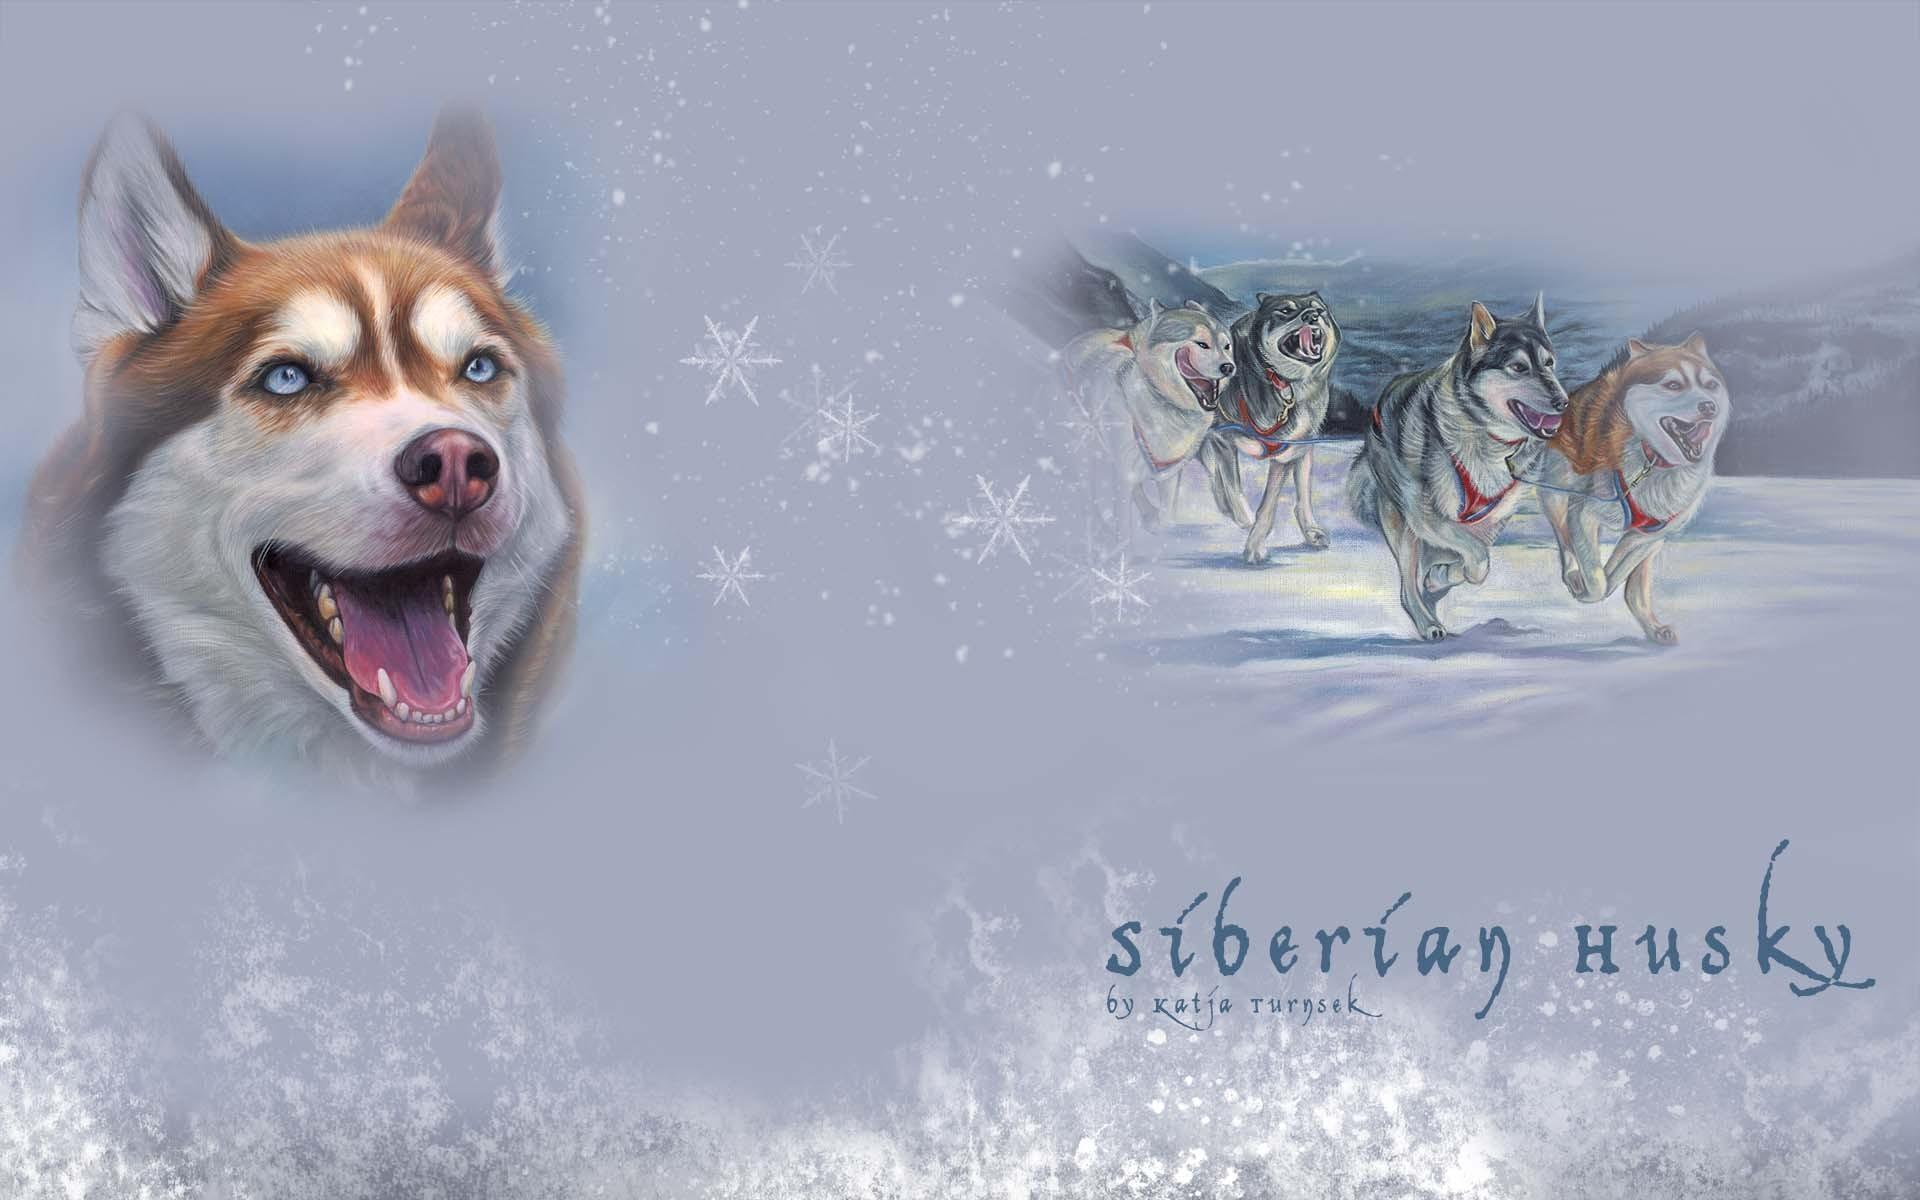 Perros Husky Siberiano Fondos De Pantalla Hd De Animales 2: Siberian Husky Fondos De Pantalla, Fondos De Escritorio